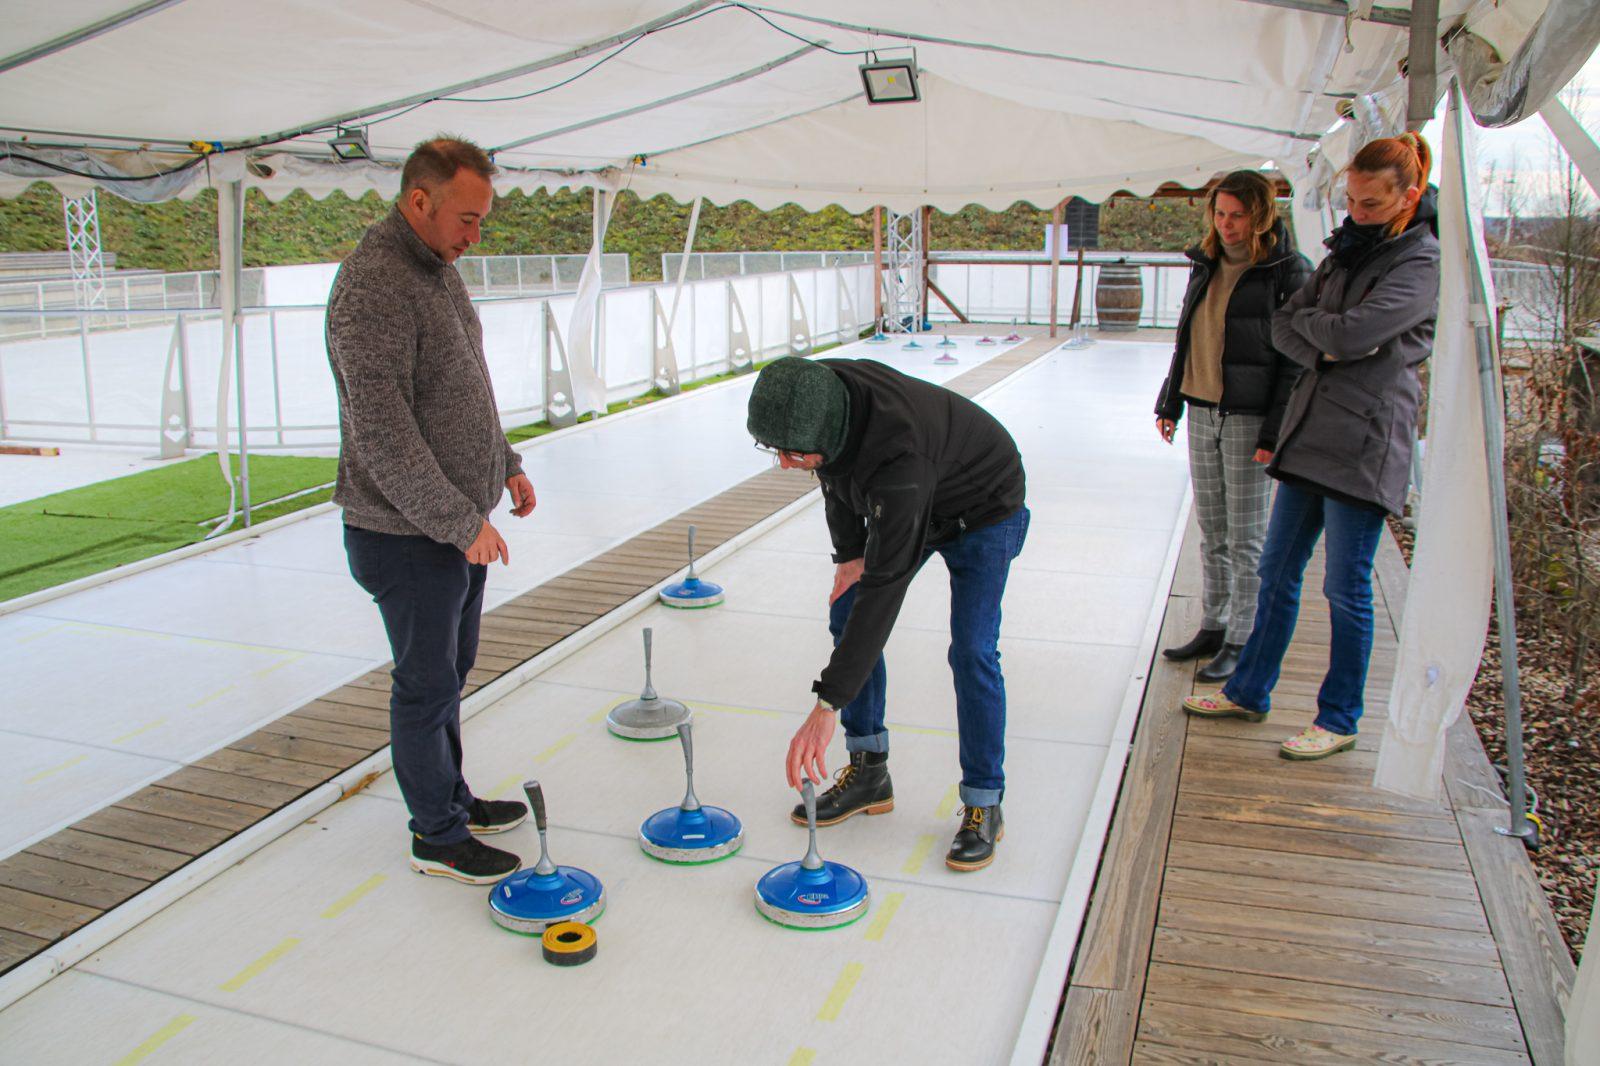 Eisstockschießen Erlebnispark Saarland